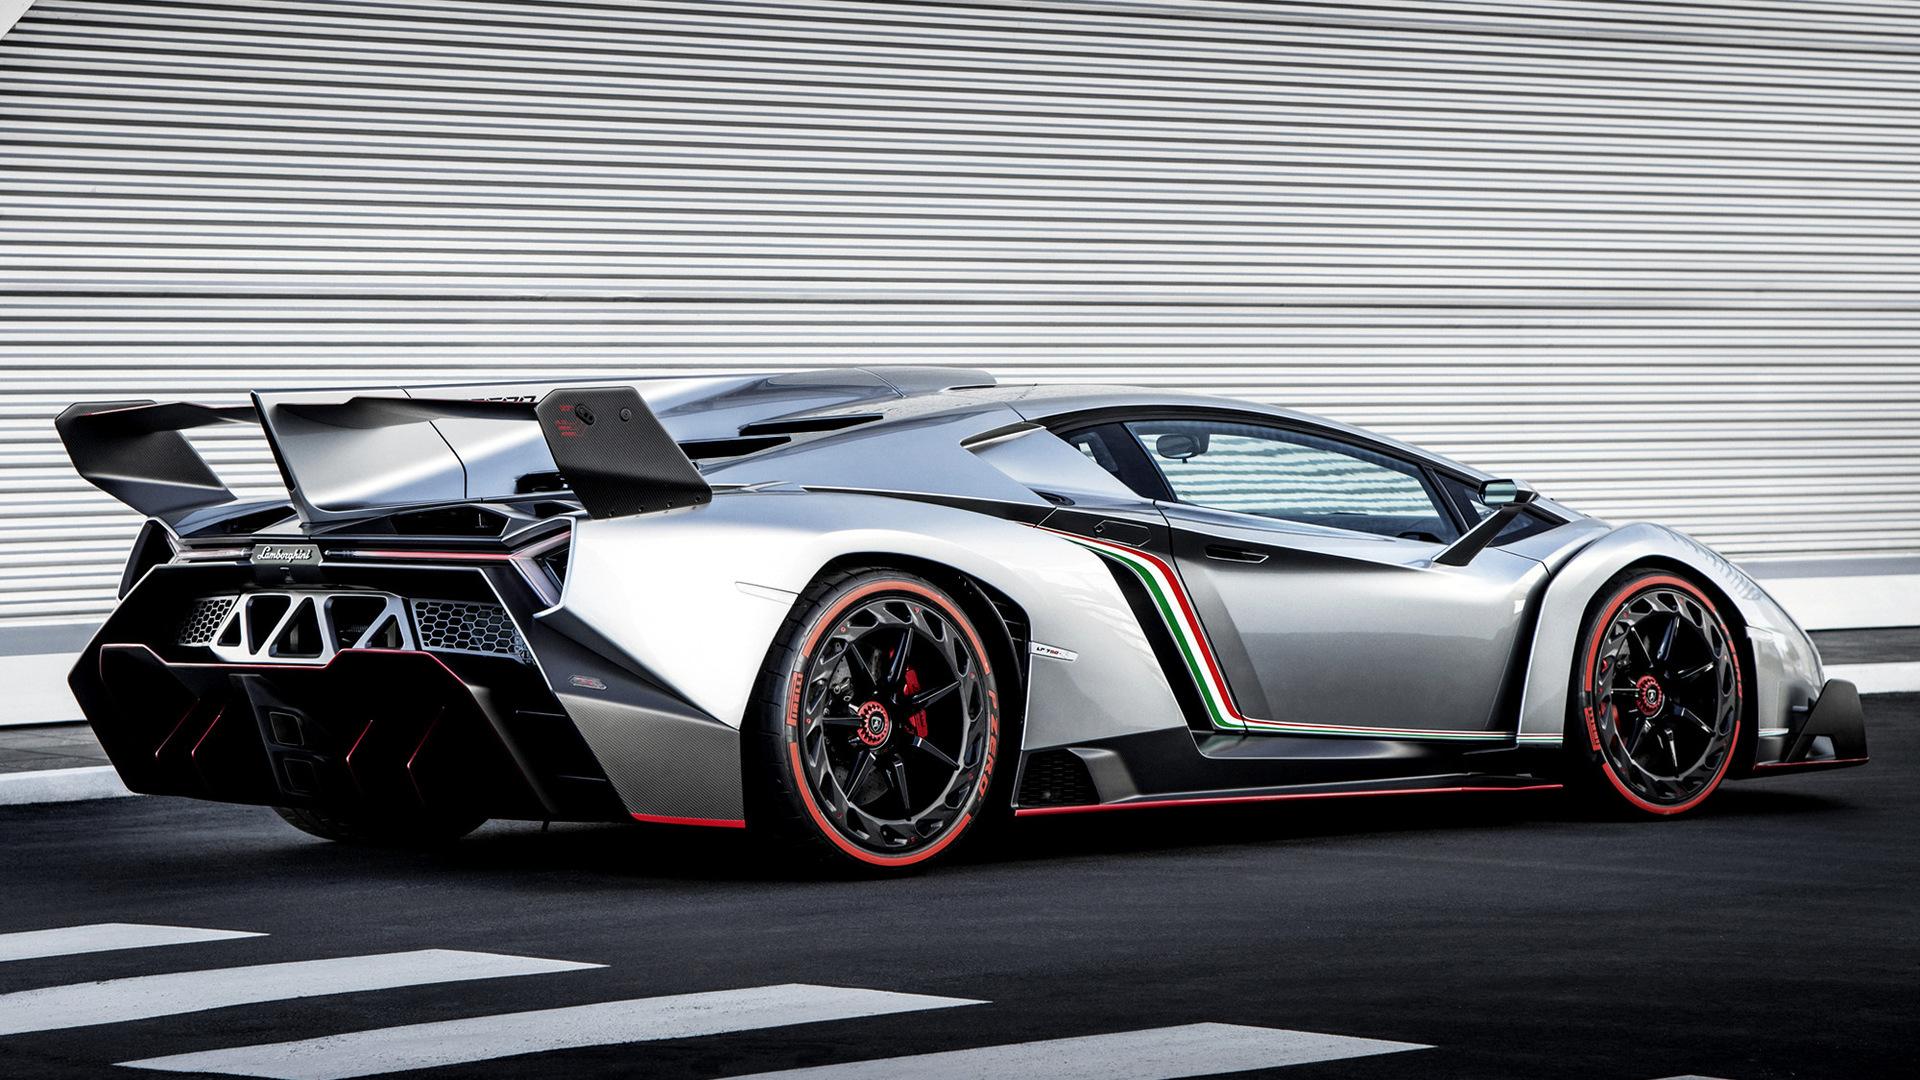 Dodge Ram 2015 >> 2013 Lamborghini Veneno - Wallpapers and HD Images | Car Pixel